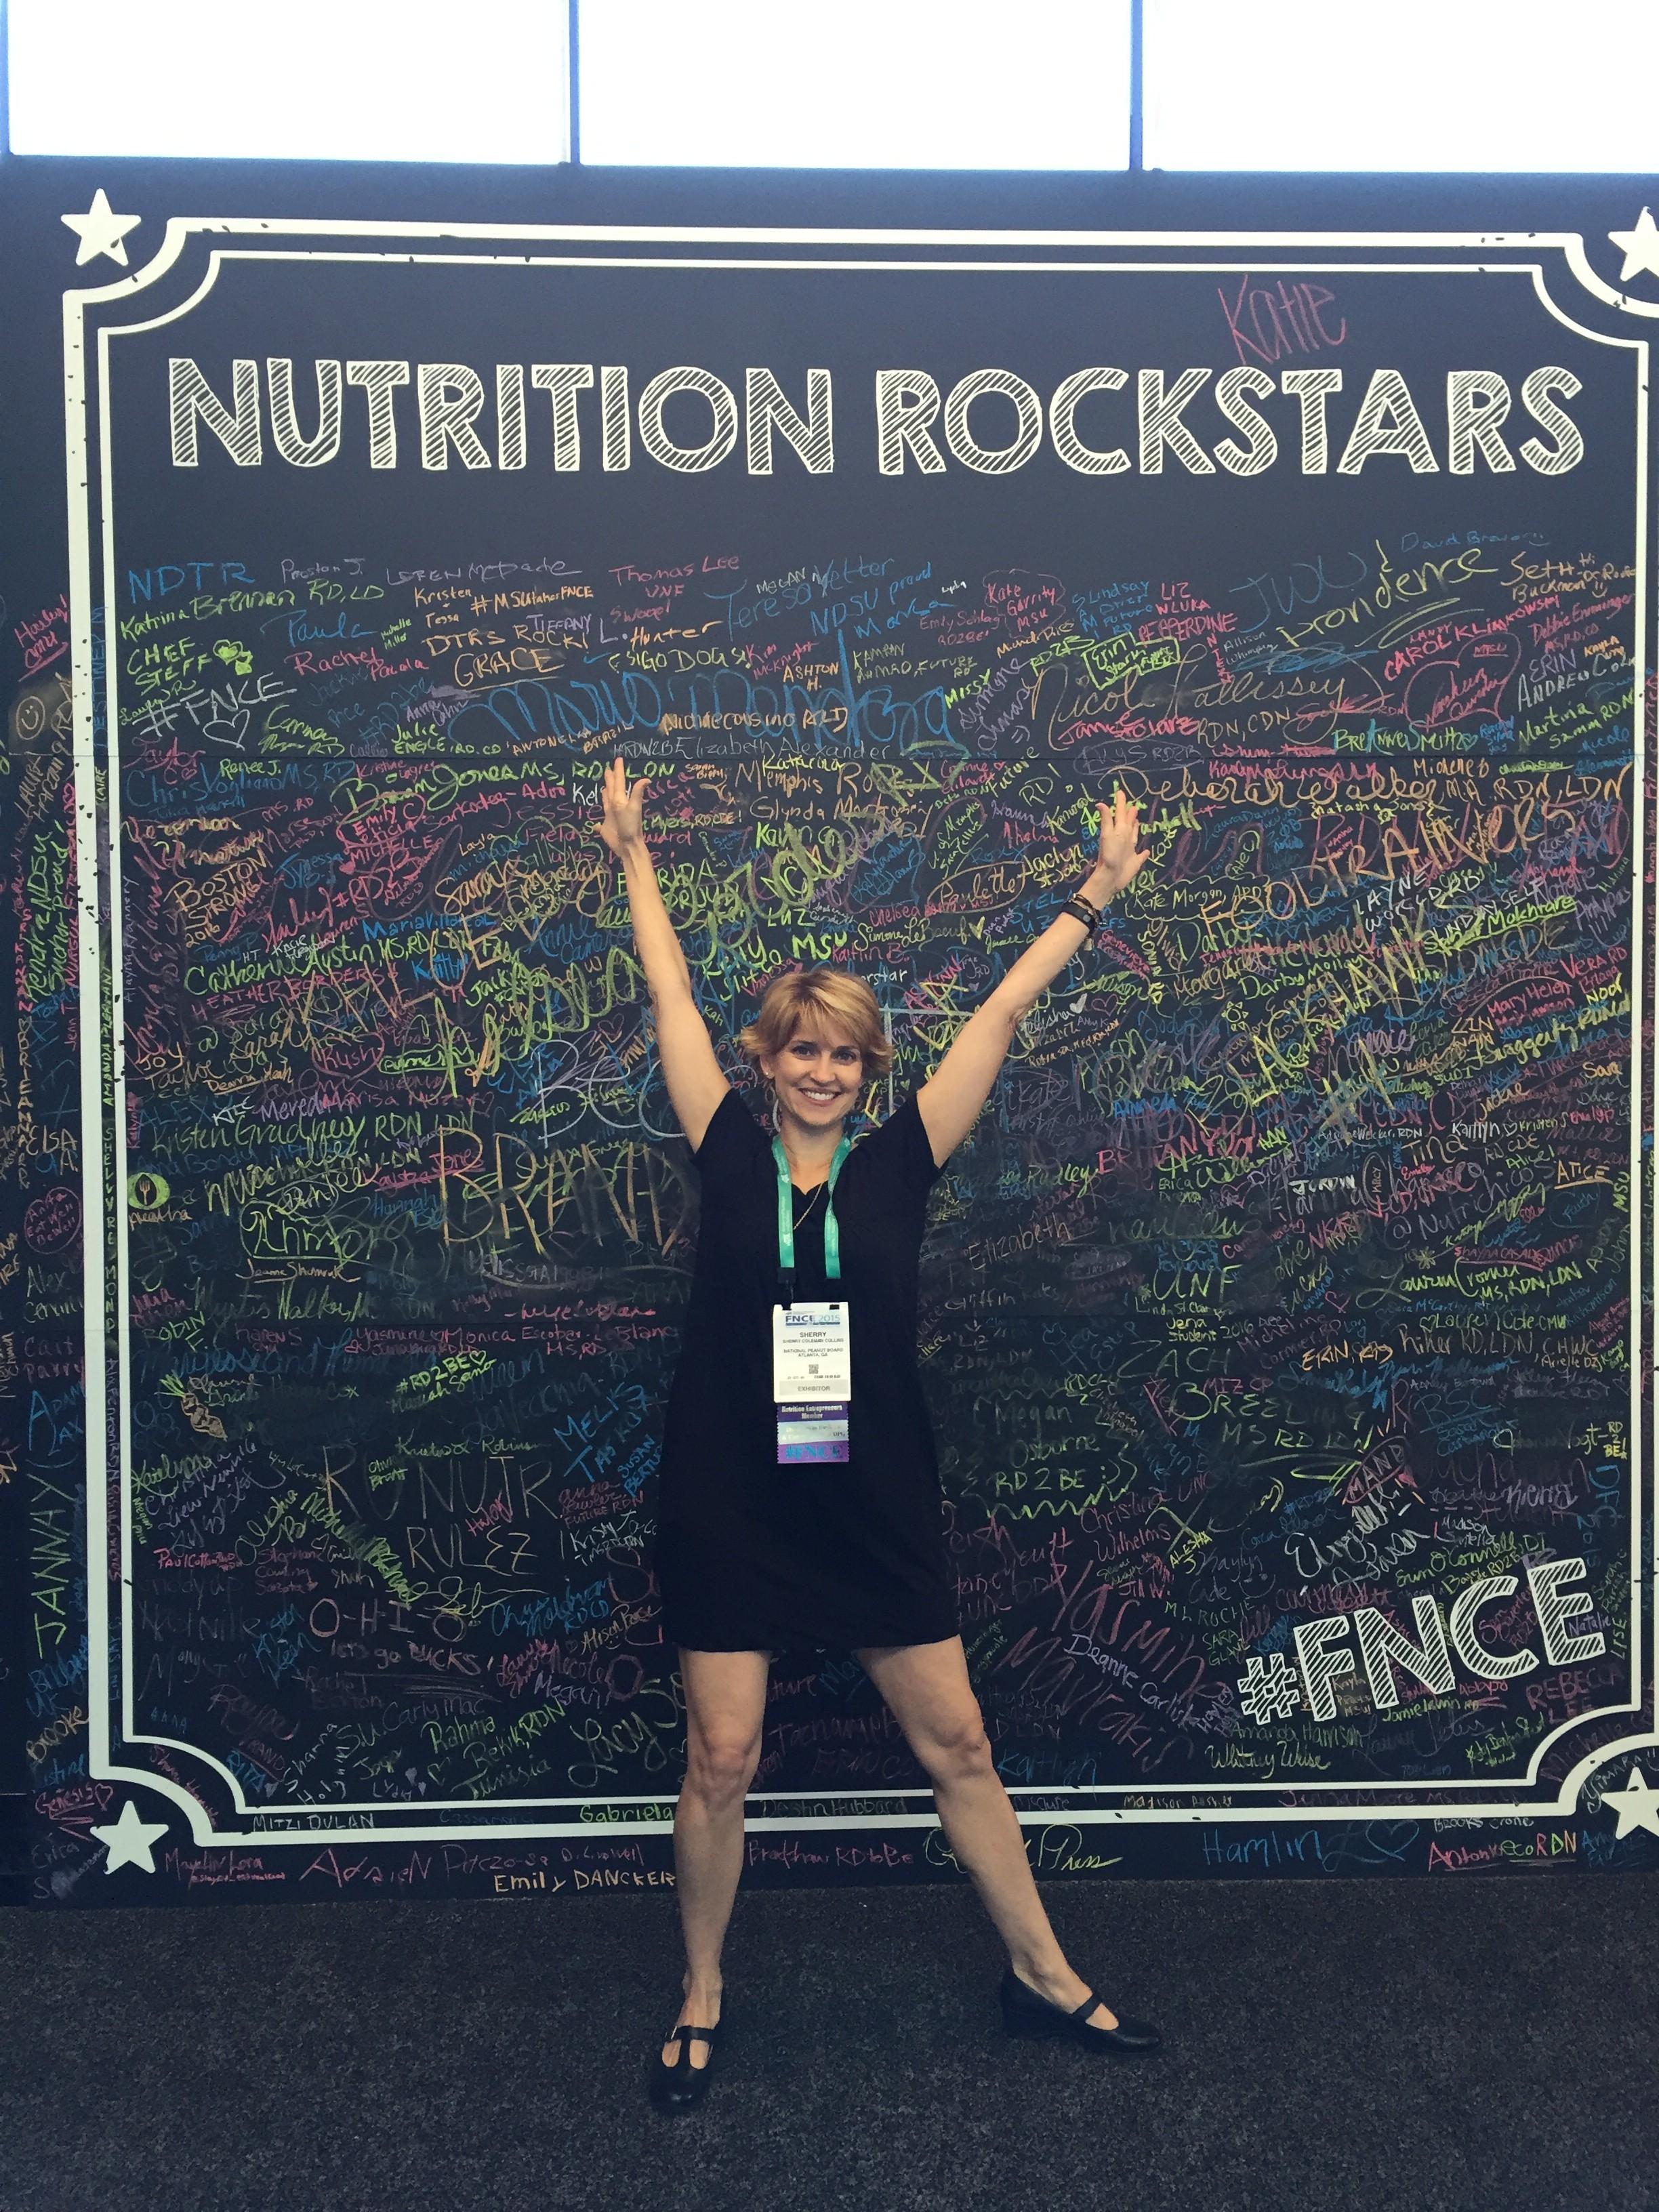 Nutrition Rockstar